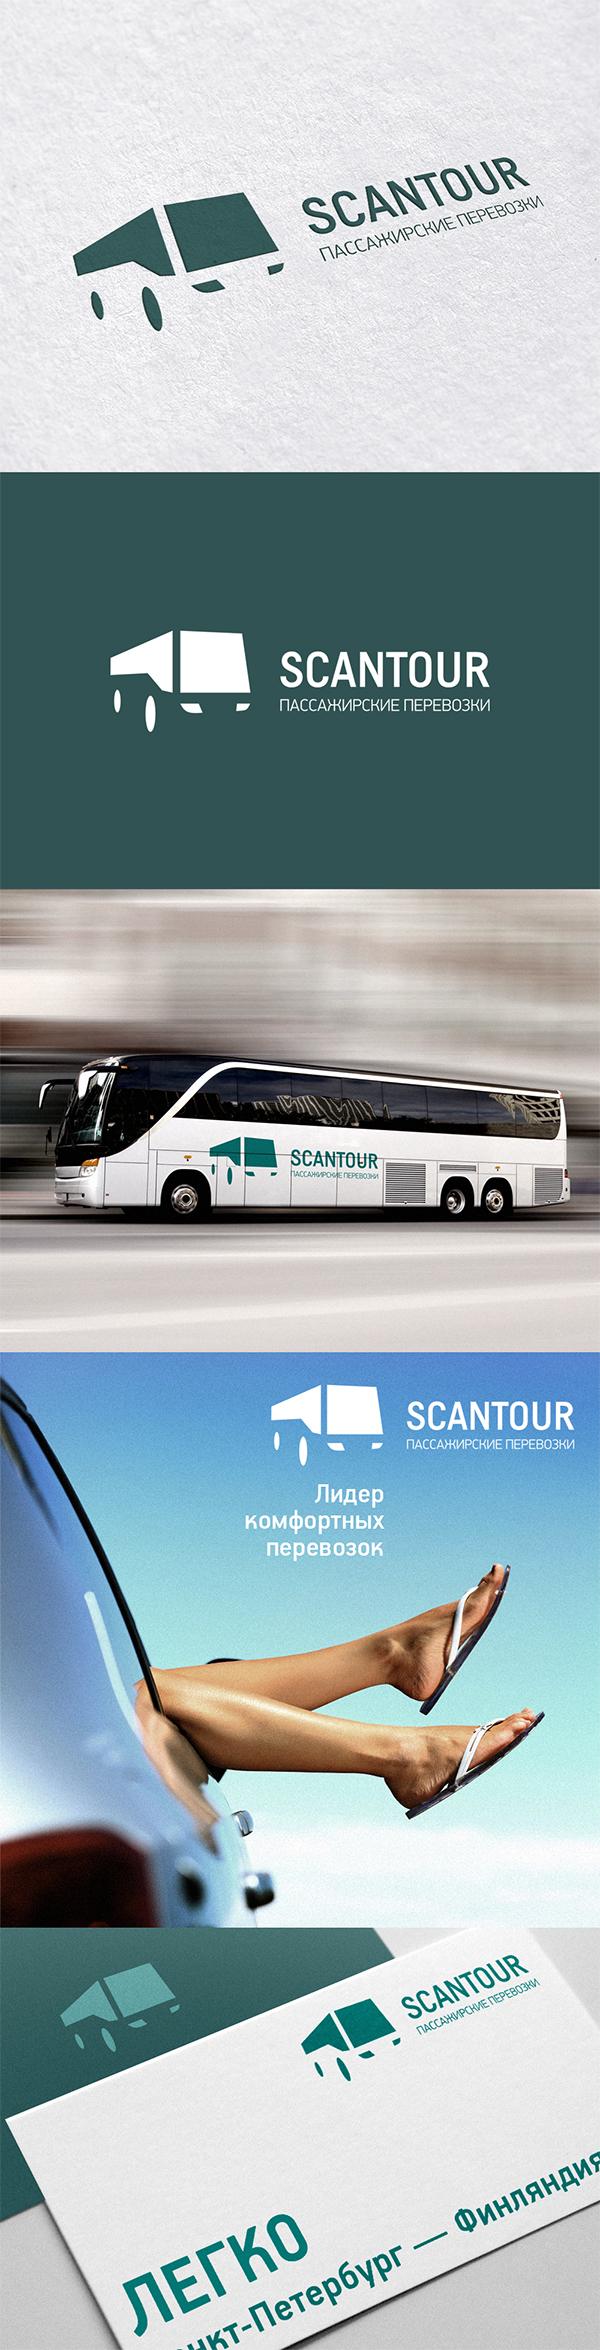 ScanTour